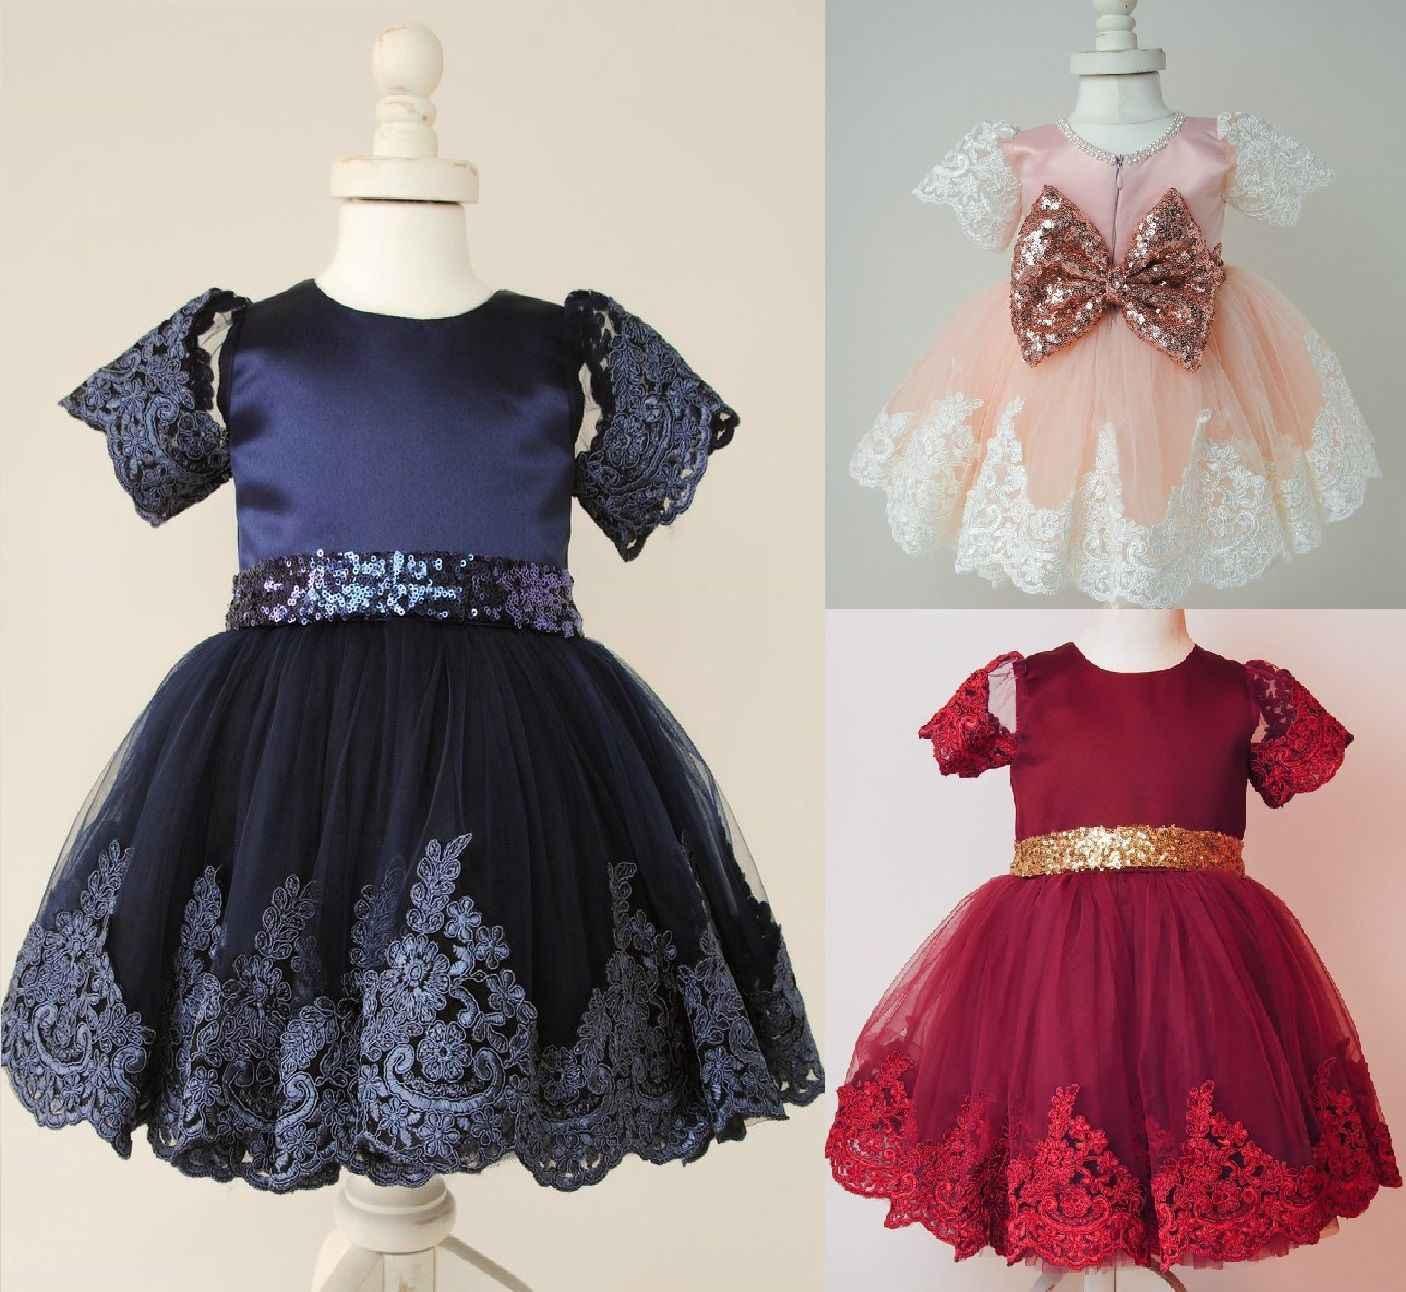 eb3a6841 Платья с цветочным принтом для девочек платье принцессы с бантом цветочная  отделка детское кружевное бальное платье